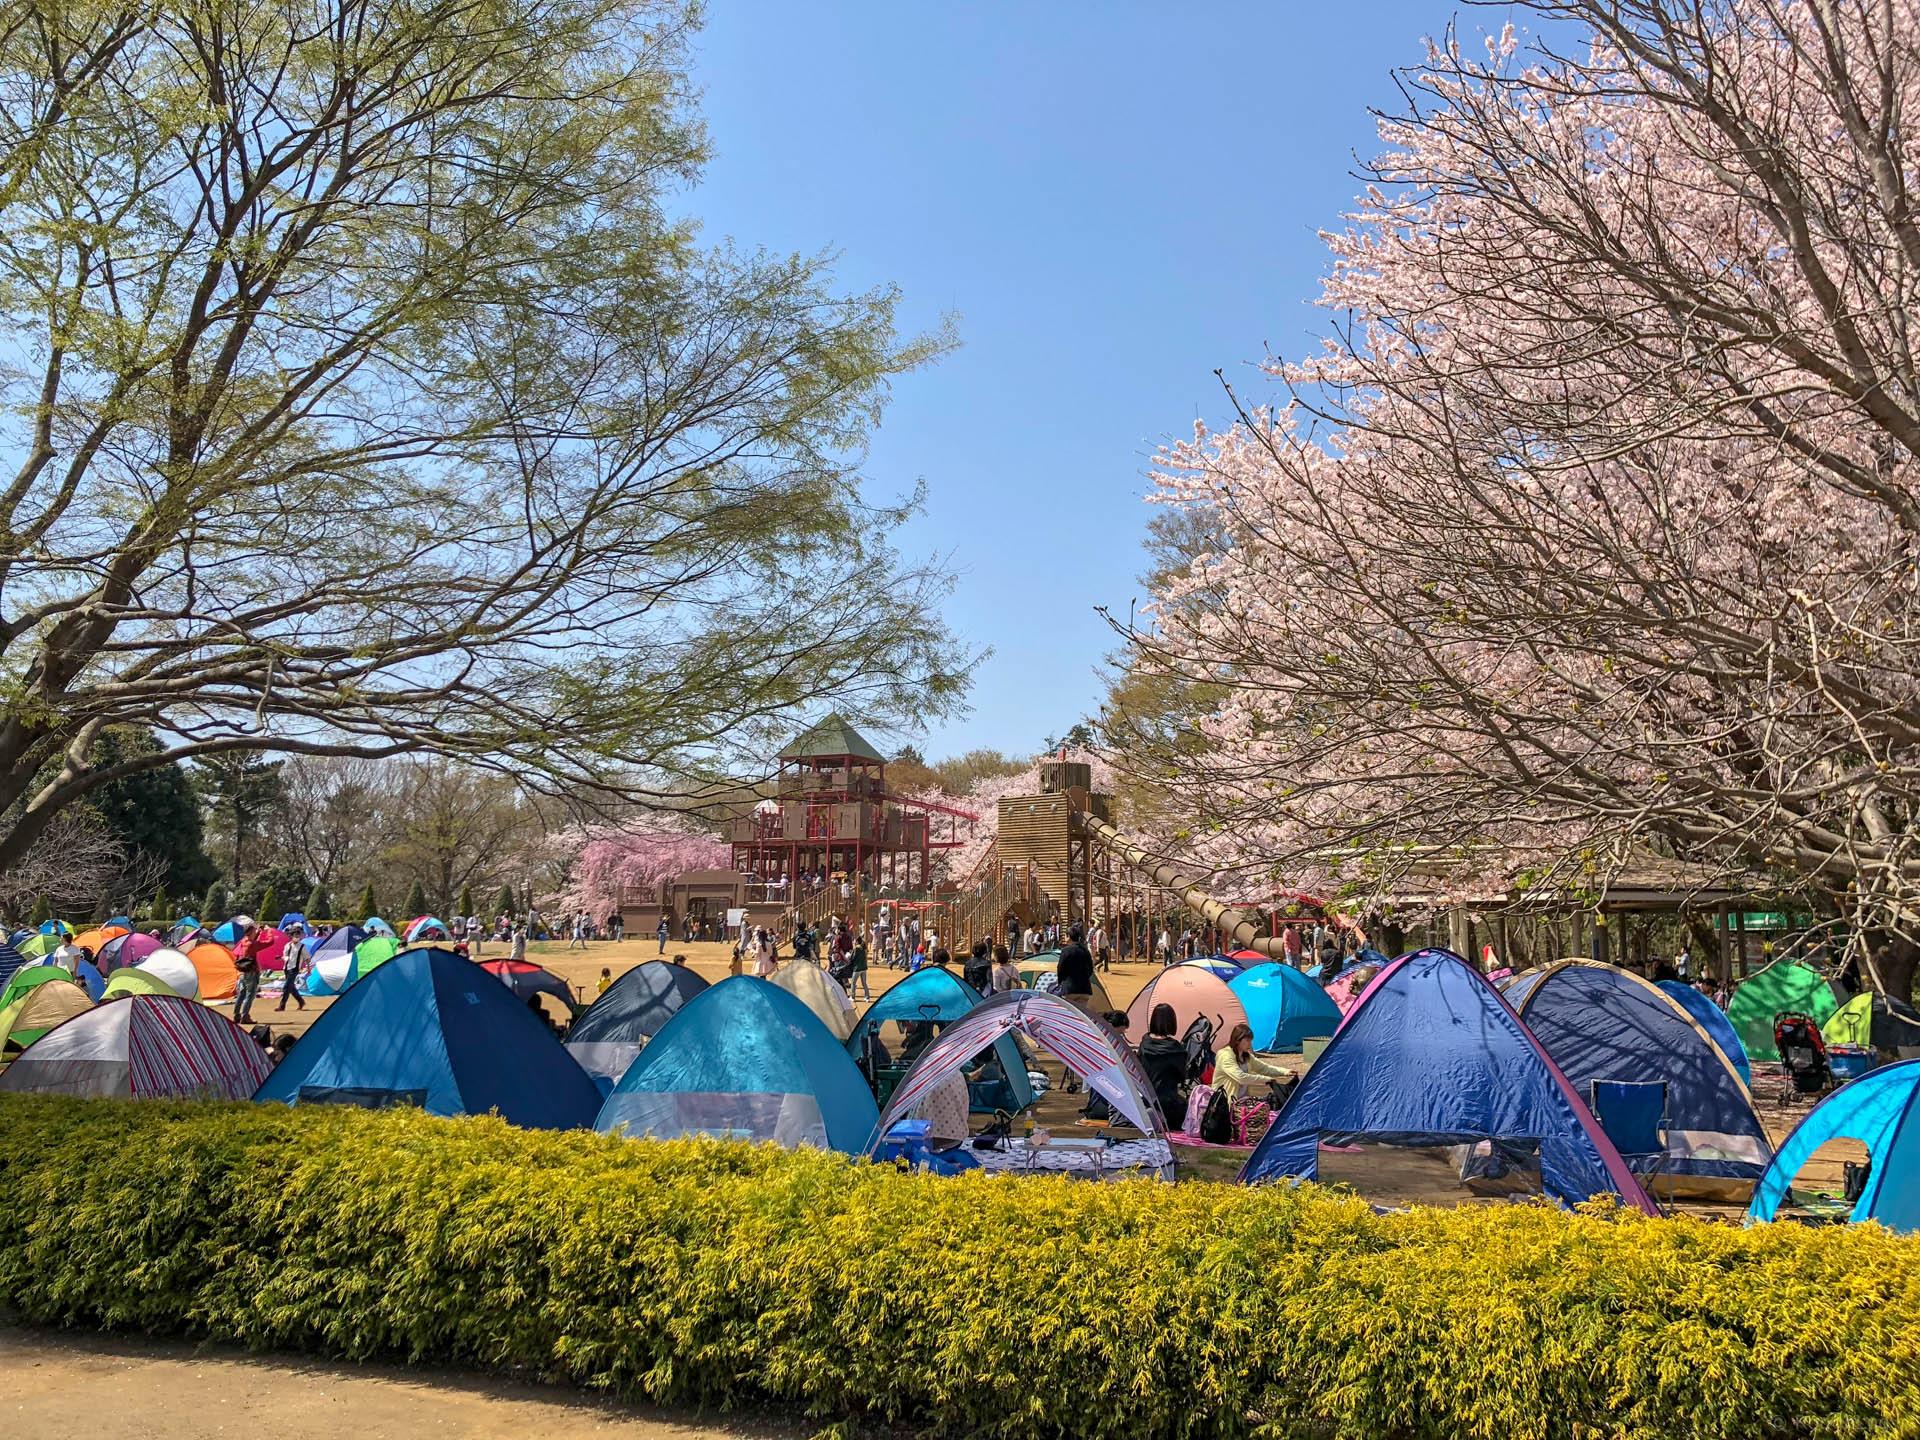 千葉県船橋市の「ふなばしアンデルセン公園」でお花見